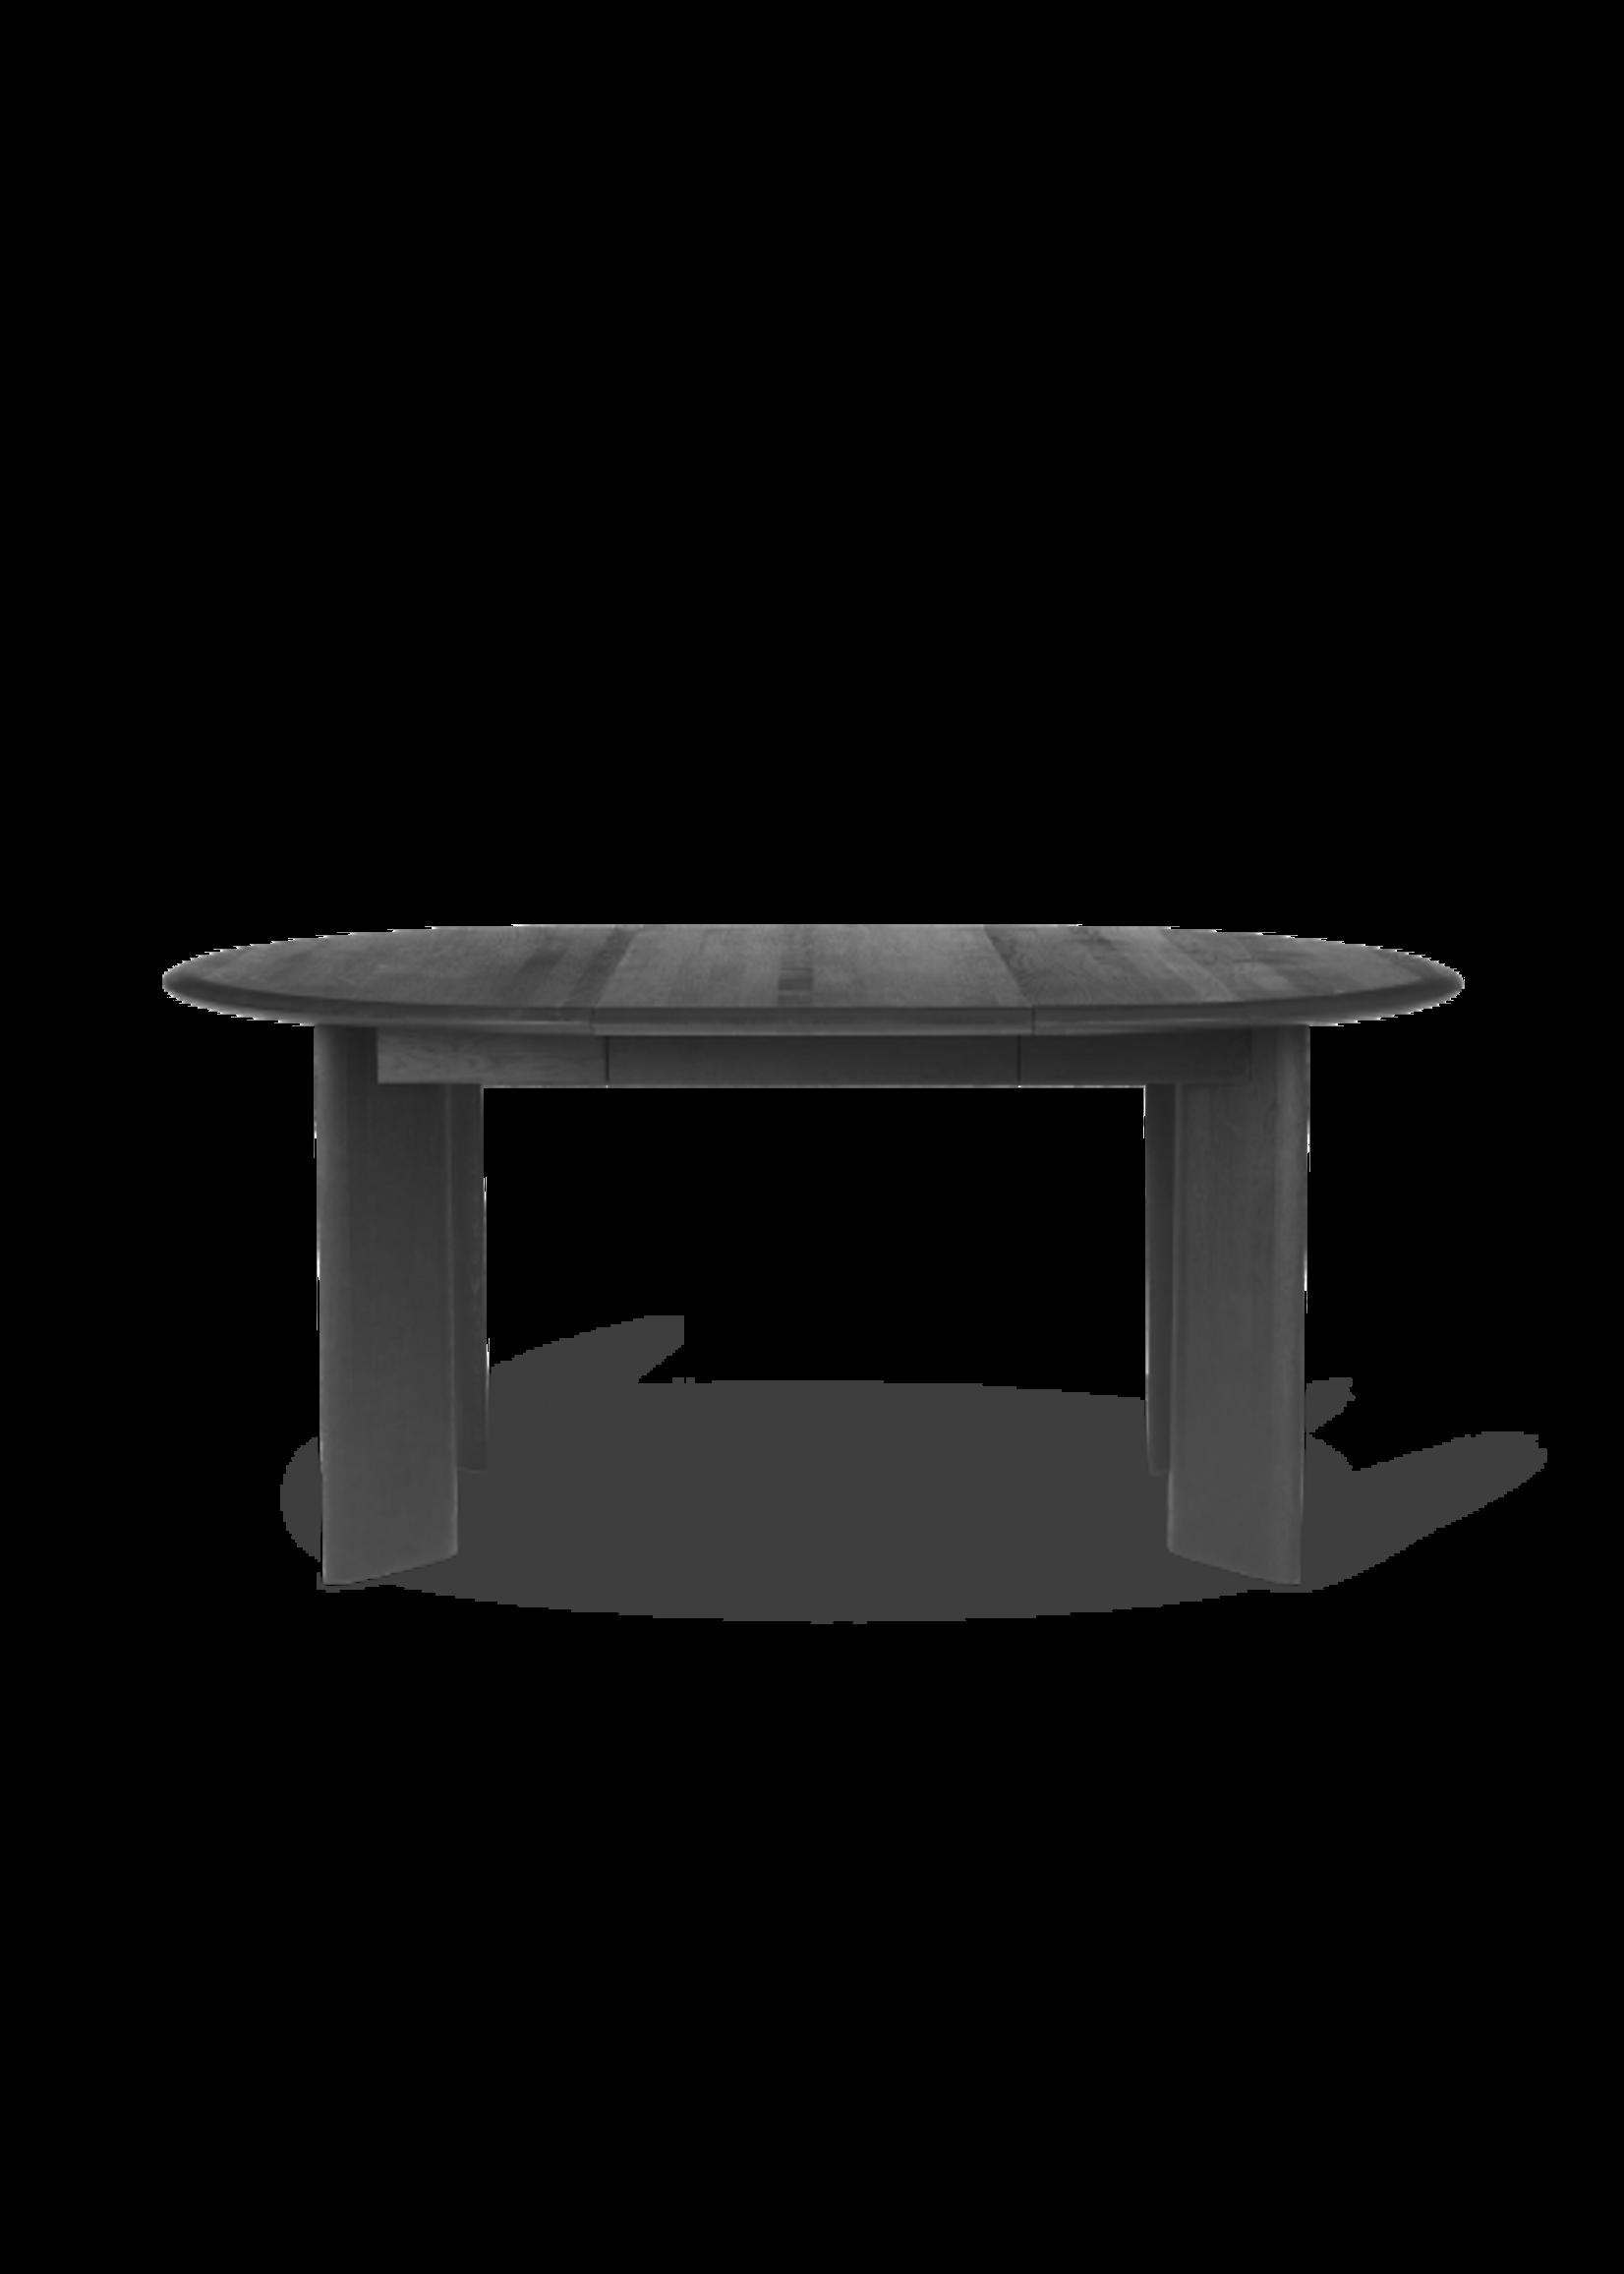 ferm LIVING ferm LIVING Bevel Table - Extendable x 1 - Black Oiled Oak